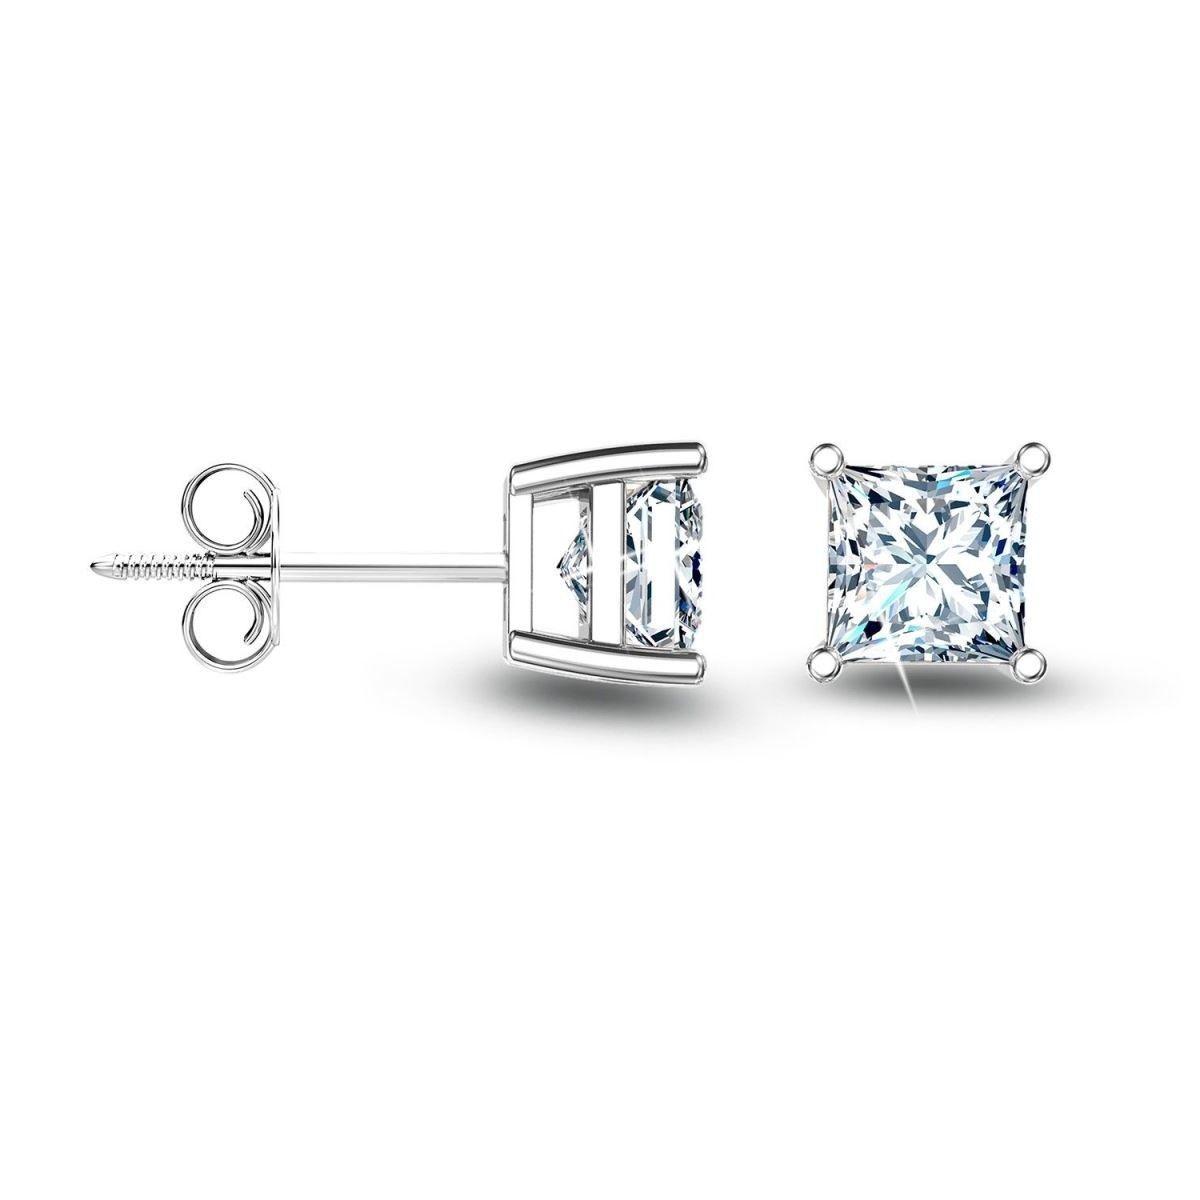 2c007b1d0 Princess Square Diamond Alternatives Stud Earrings 14k White Gold over 925  SS | eBay